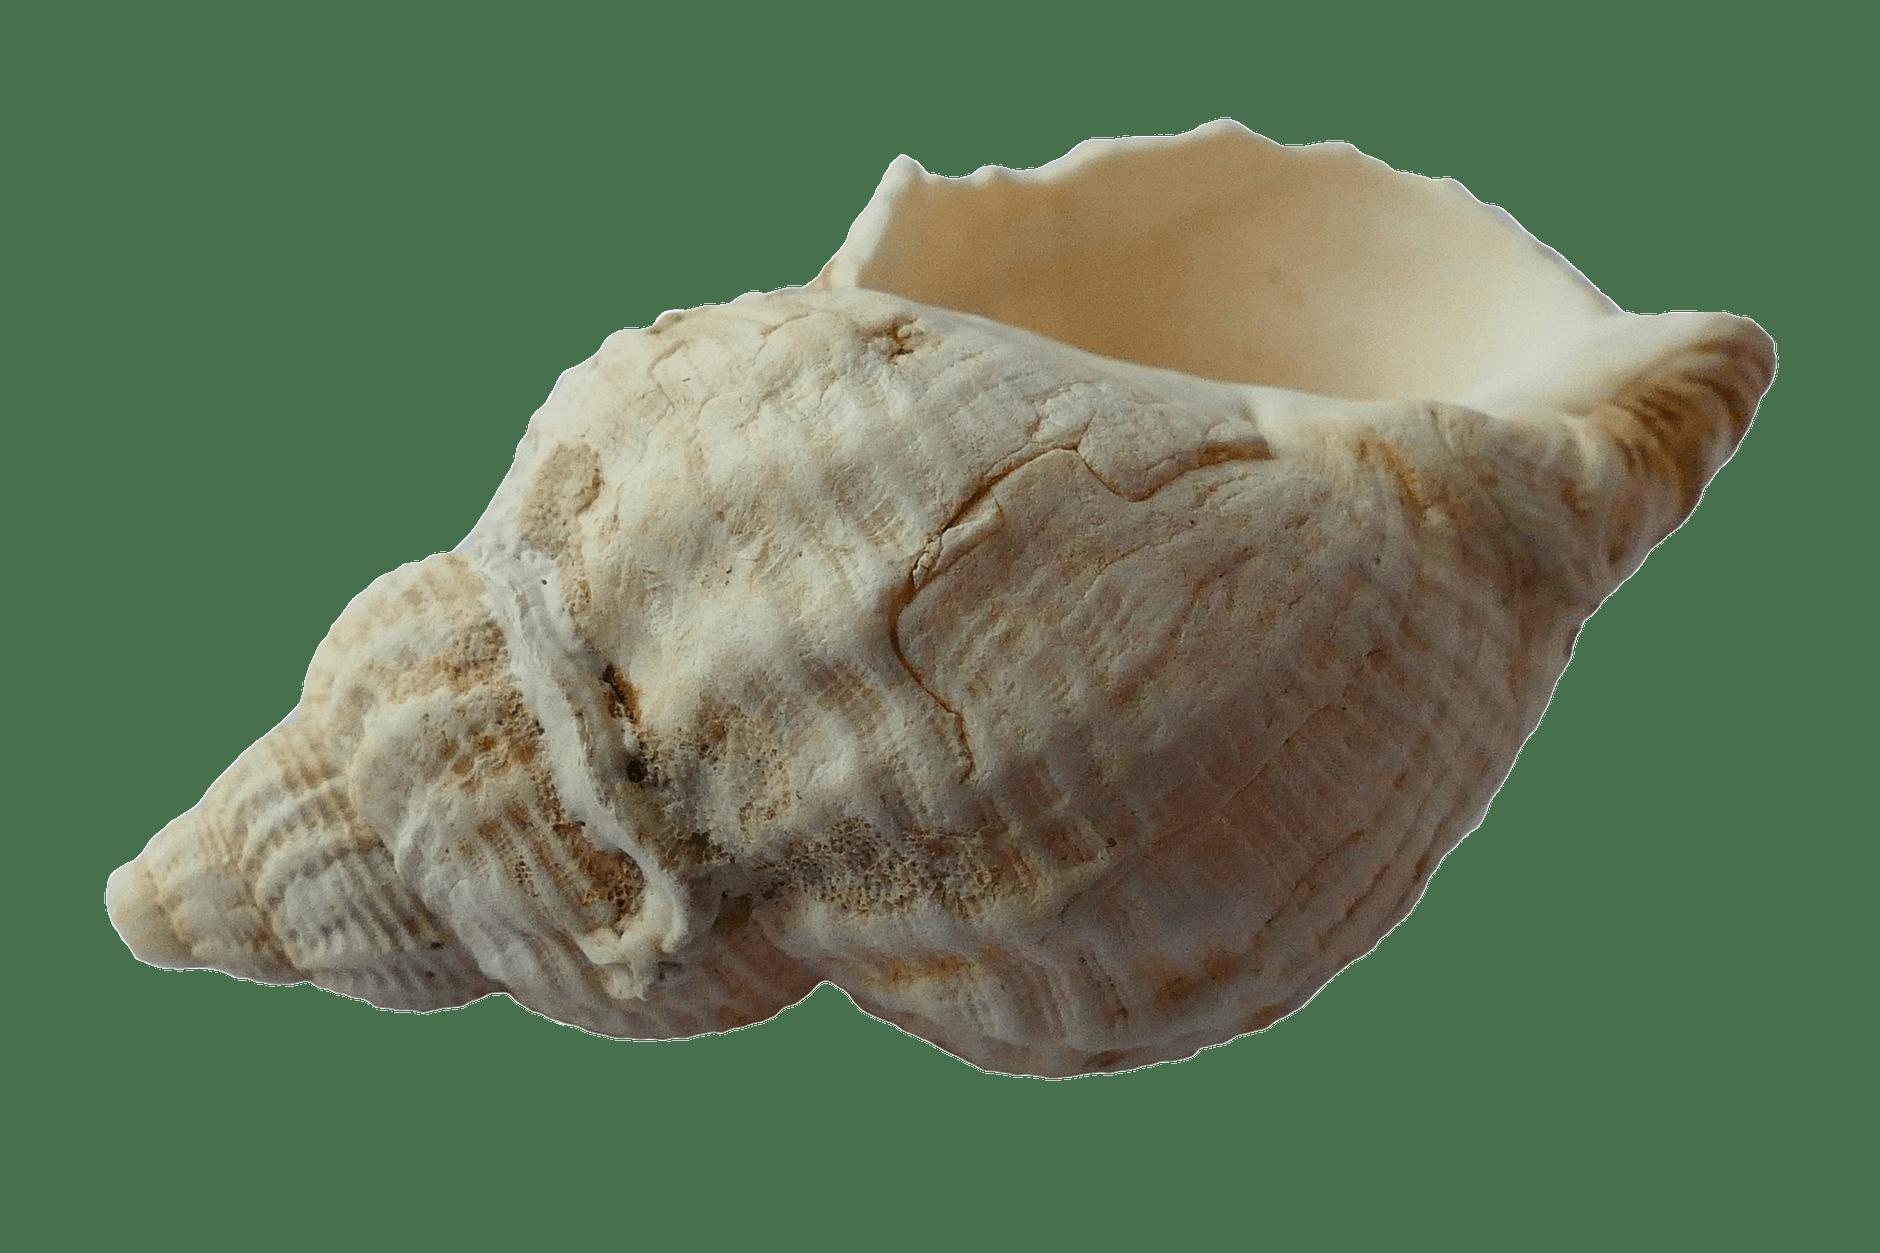 blur close up conch decoration